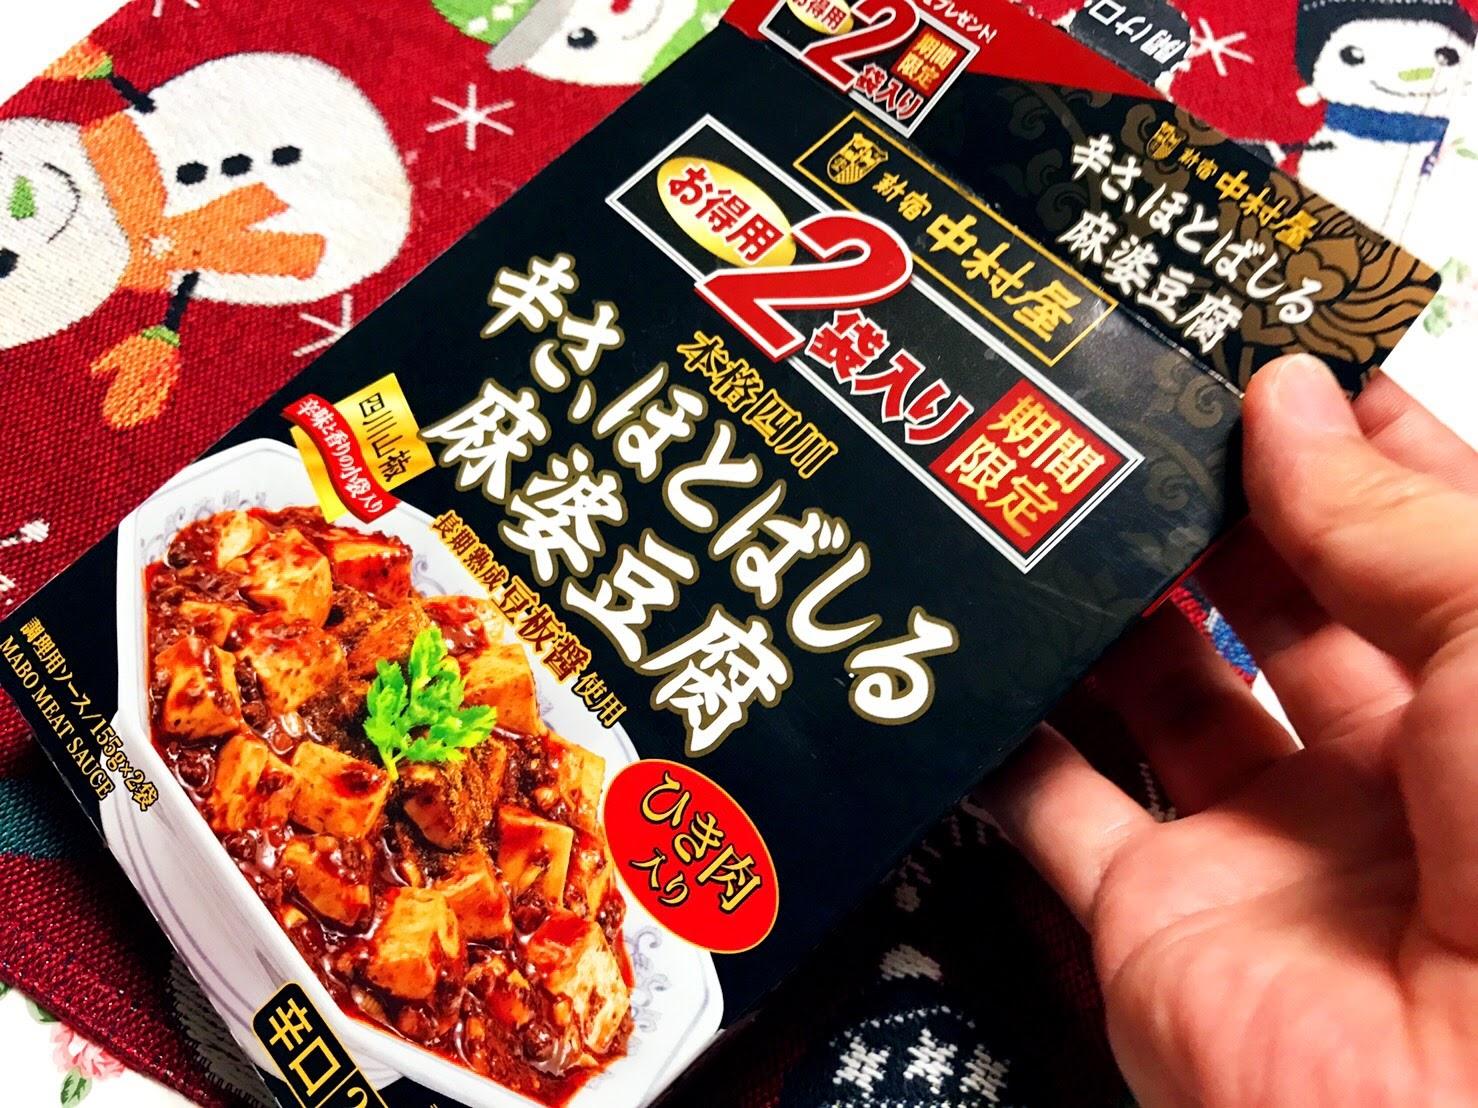 新宿中村屋 本格四川 辛さ、ほとばしる麻婆豆腐